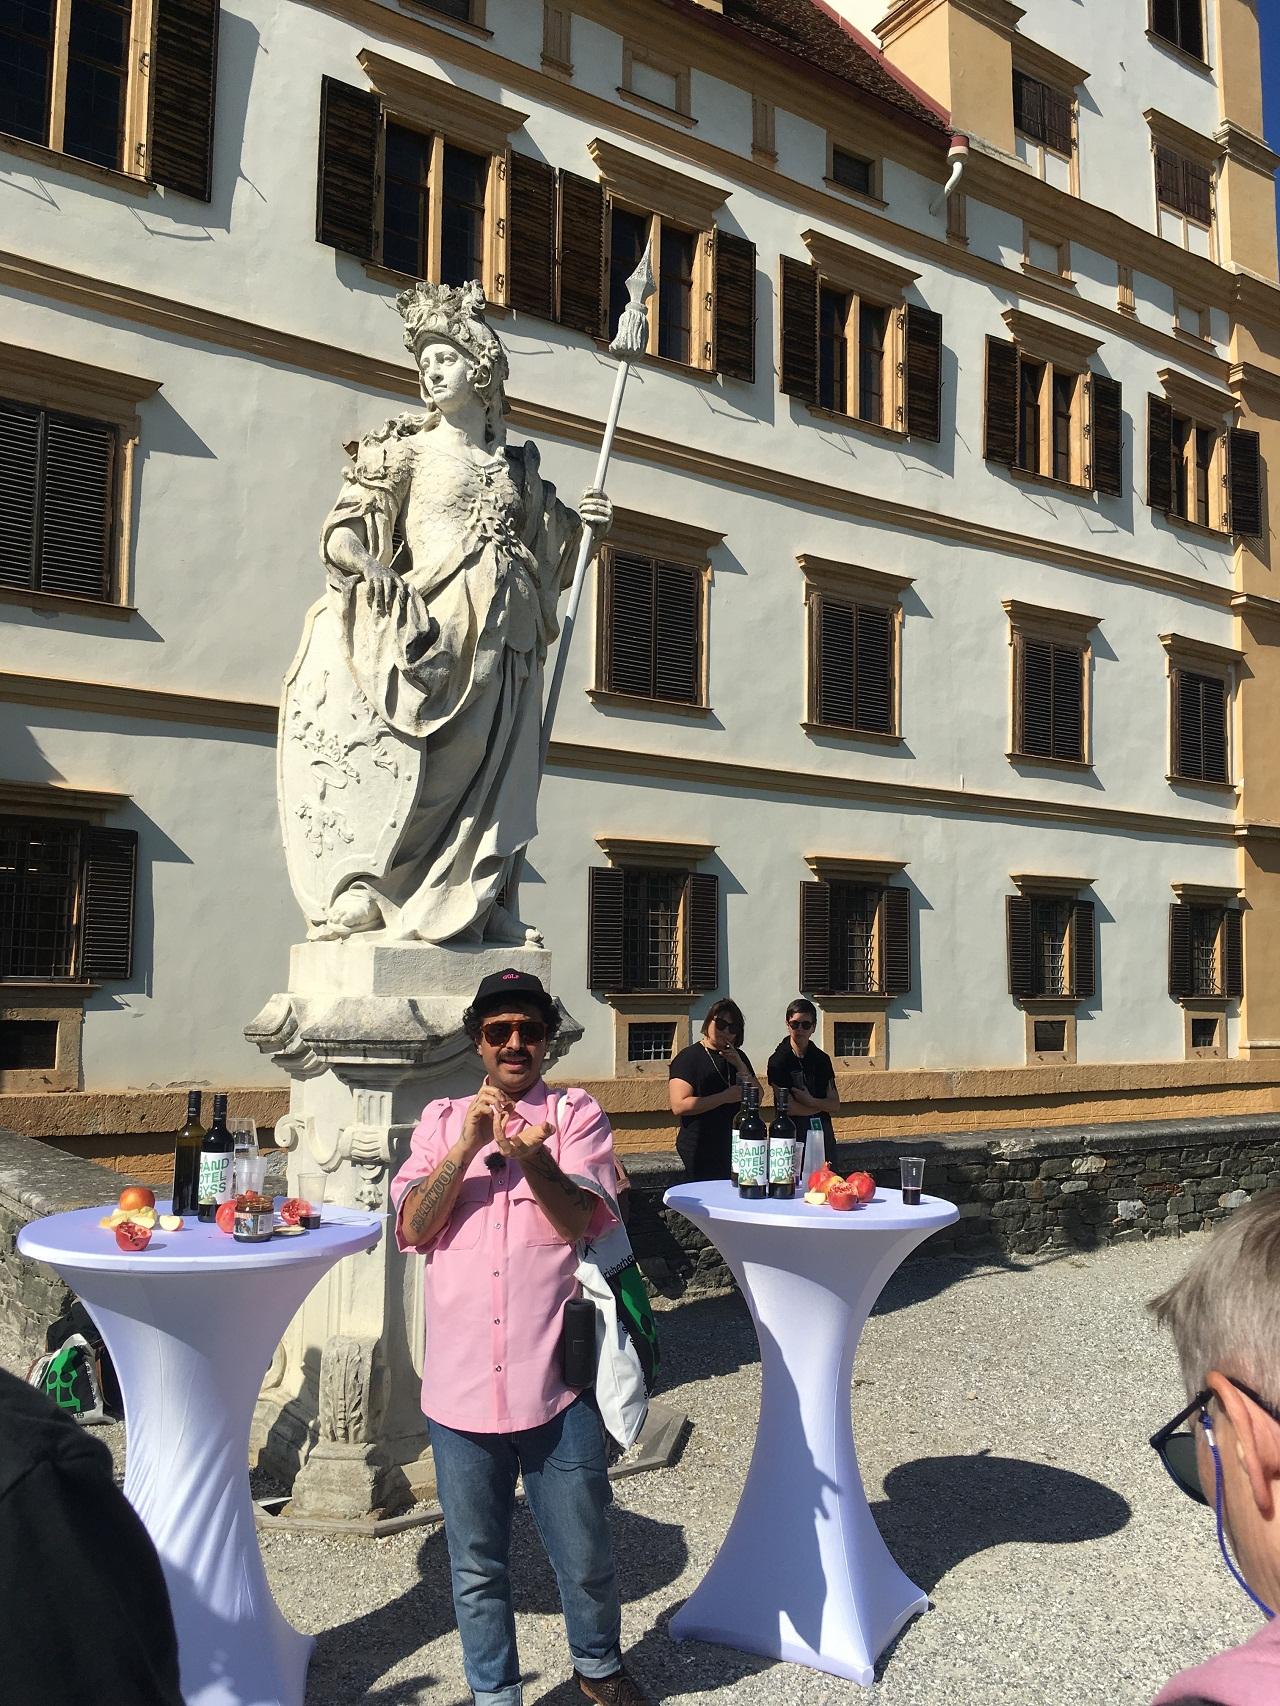 Der Künstler Ariel Efraim Ashbel begrüßt vor dem Schloss Eggenberg mit Granatäpfeln, Dattelsirup und Wein, um auf das jüdische Neujahr anzustoßen